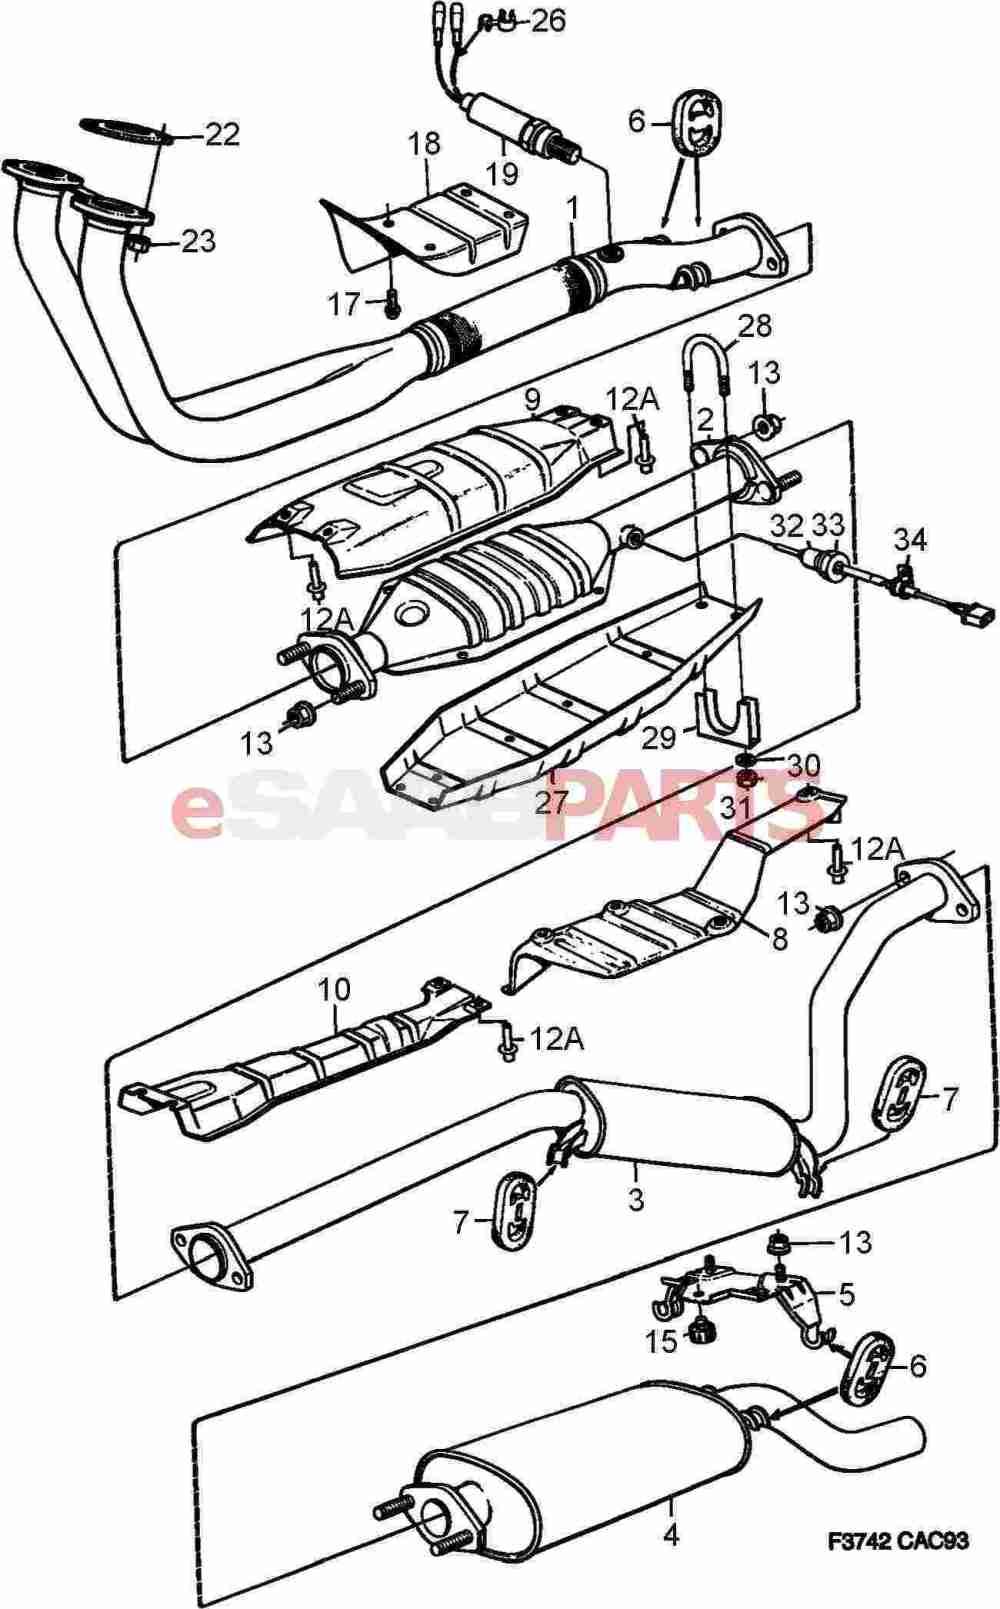 medium resolution of saab exhaust diagram wiring diagram go saab 9 5 towbar wiring diagram saab 95 wiring diagram